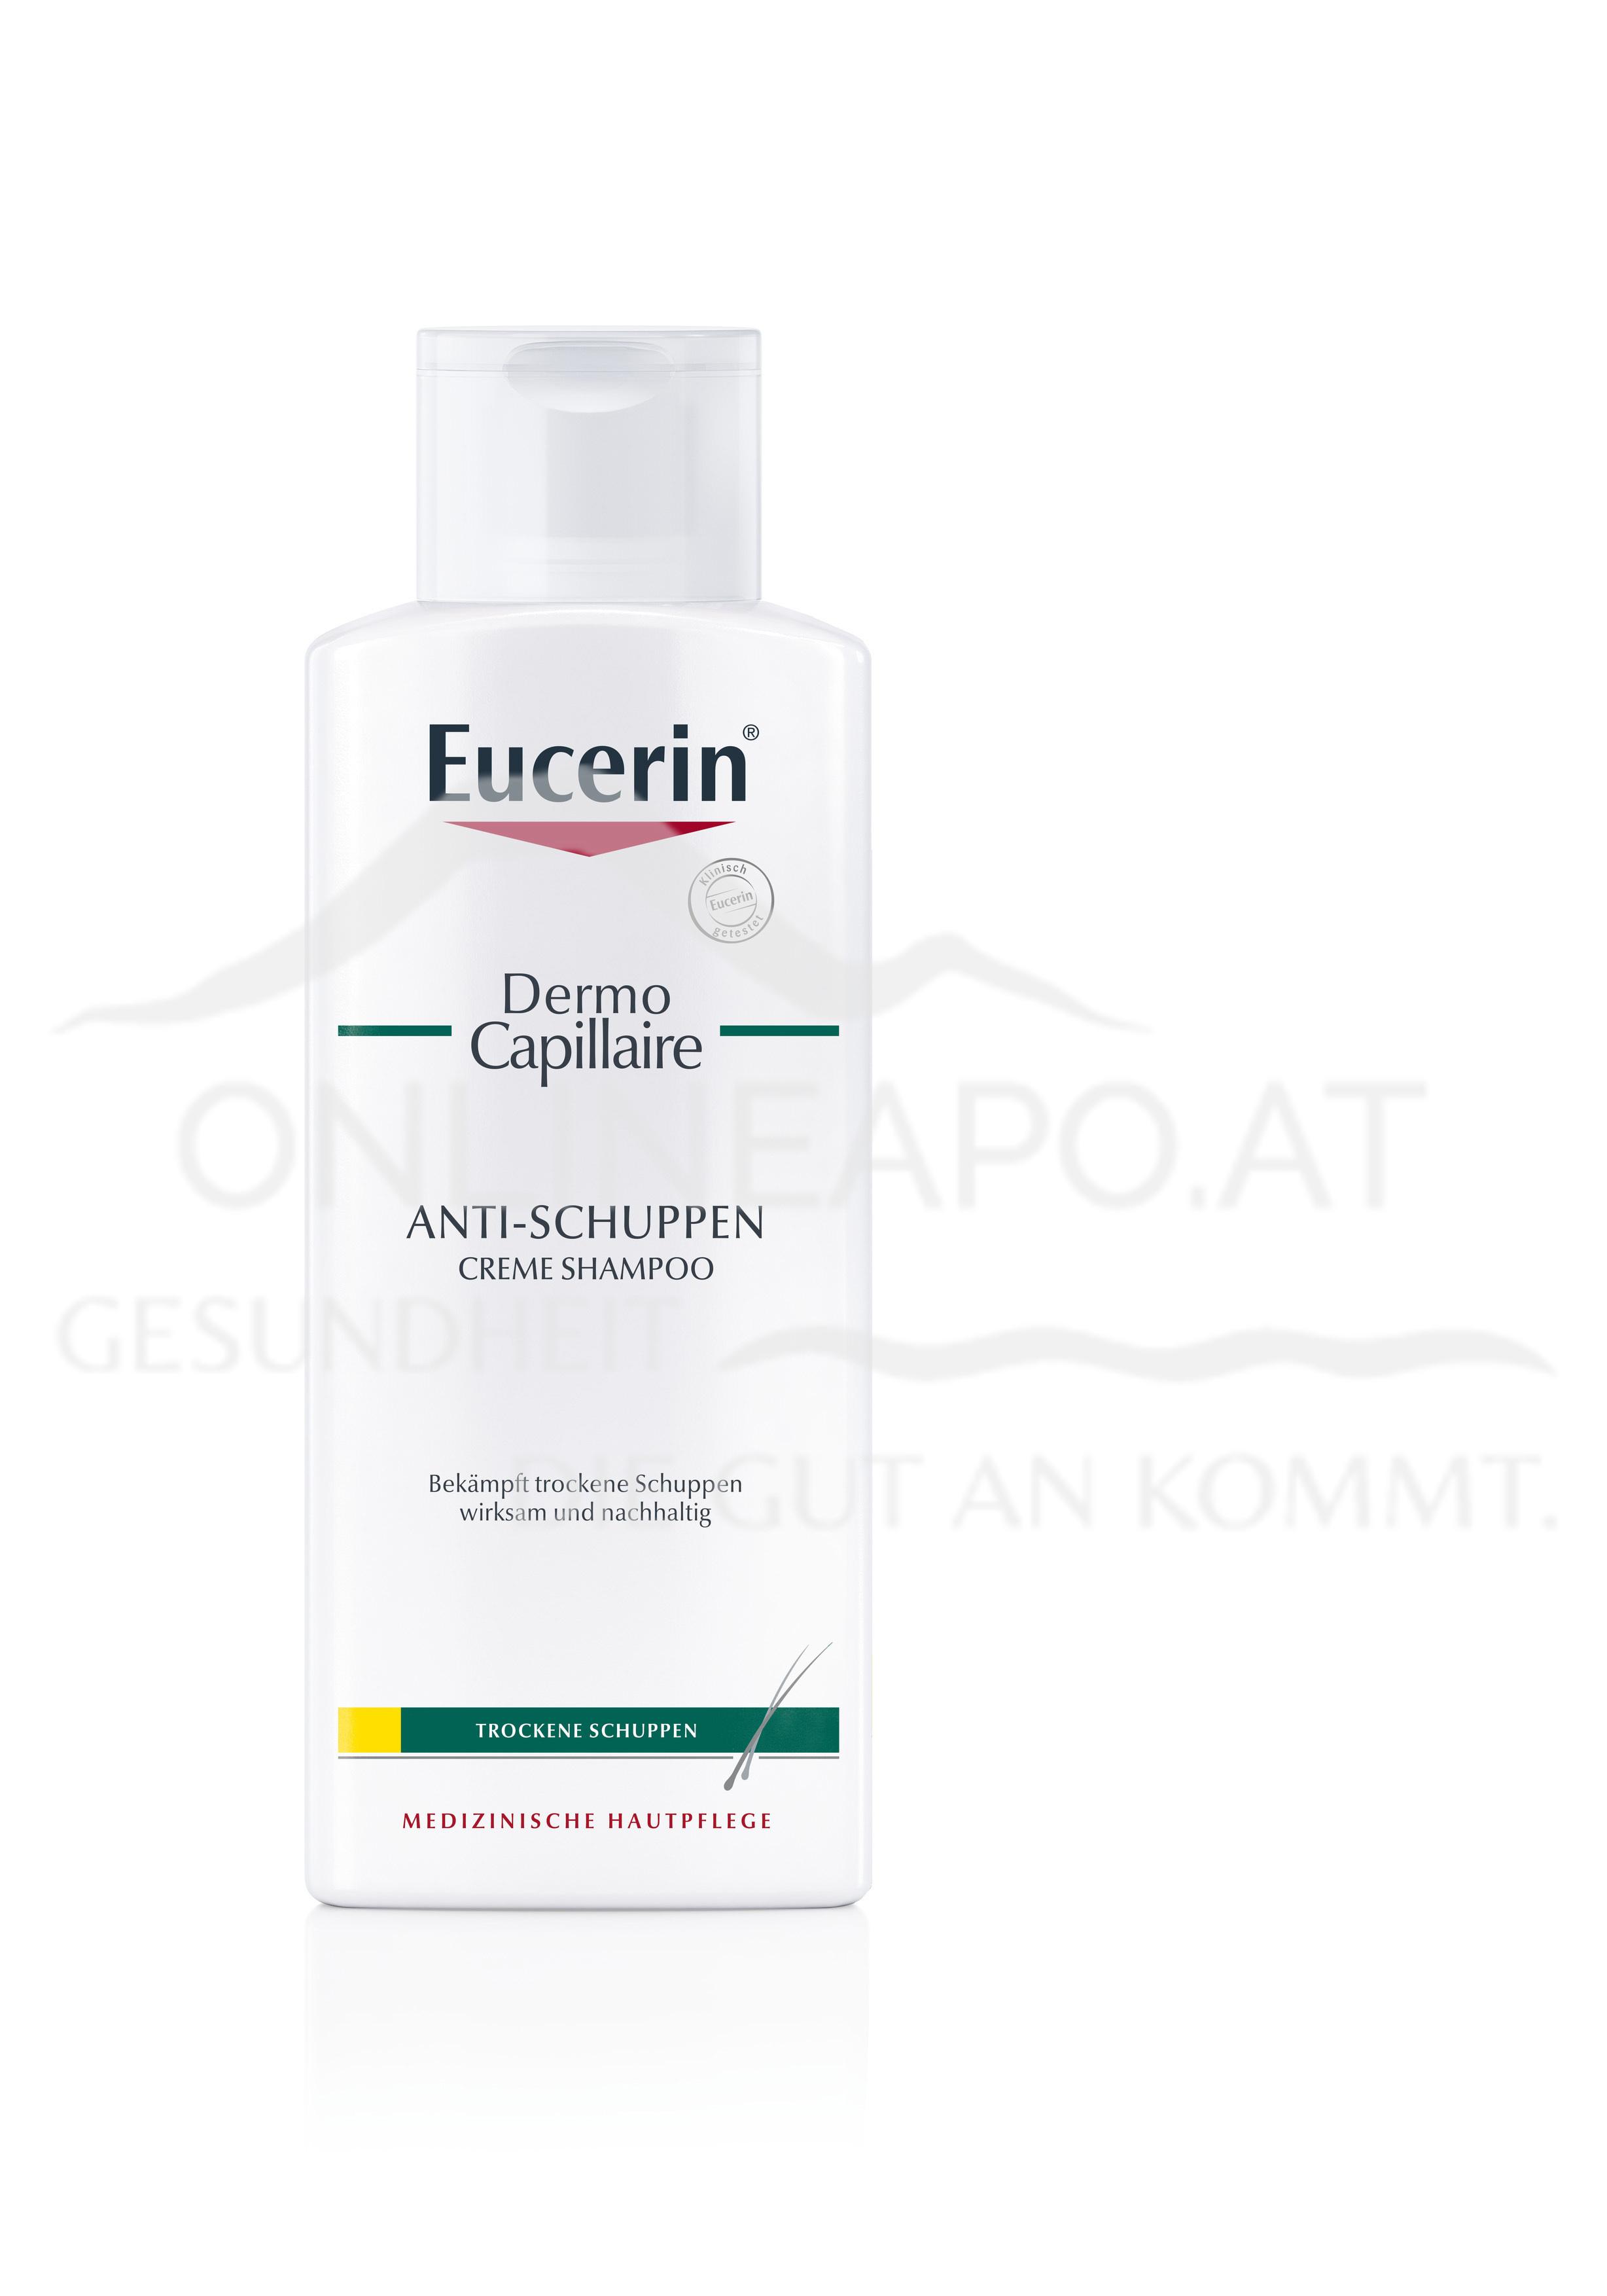 Eucerin DermoCapillaire Anti-Schuppen Creme-Shampoo